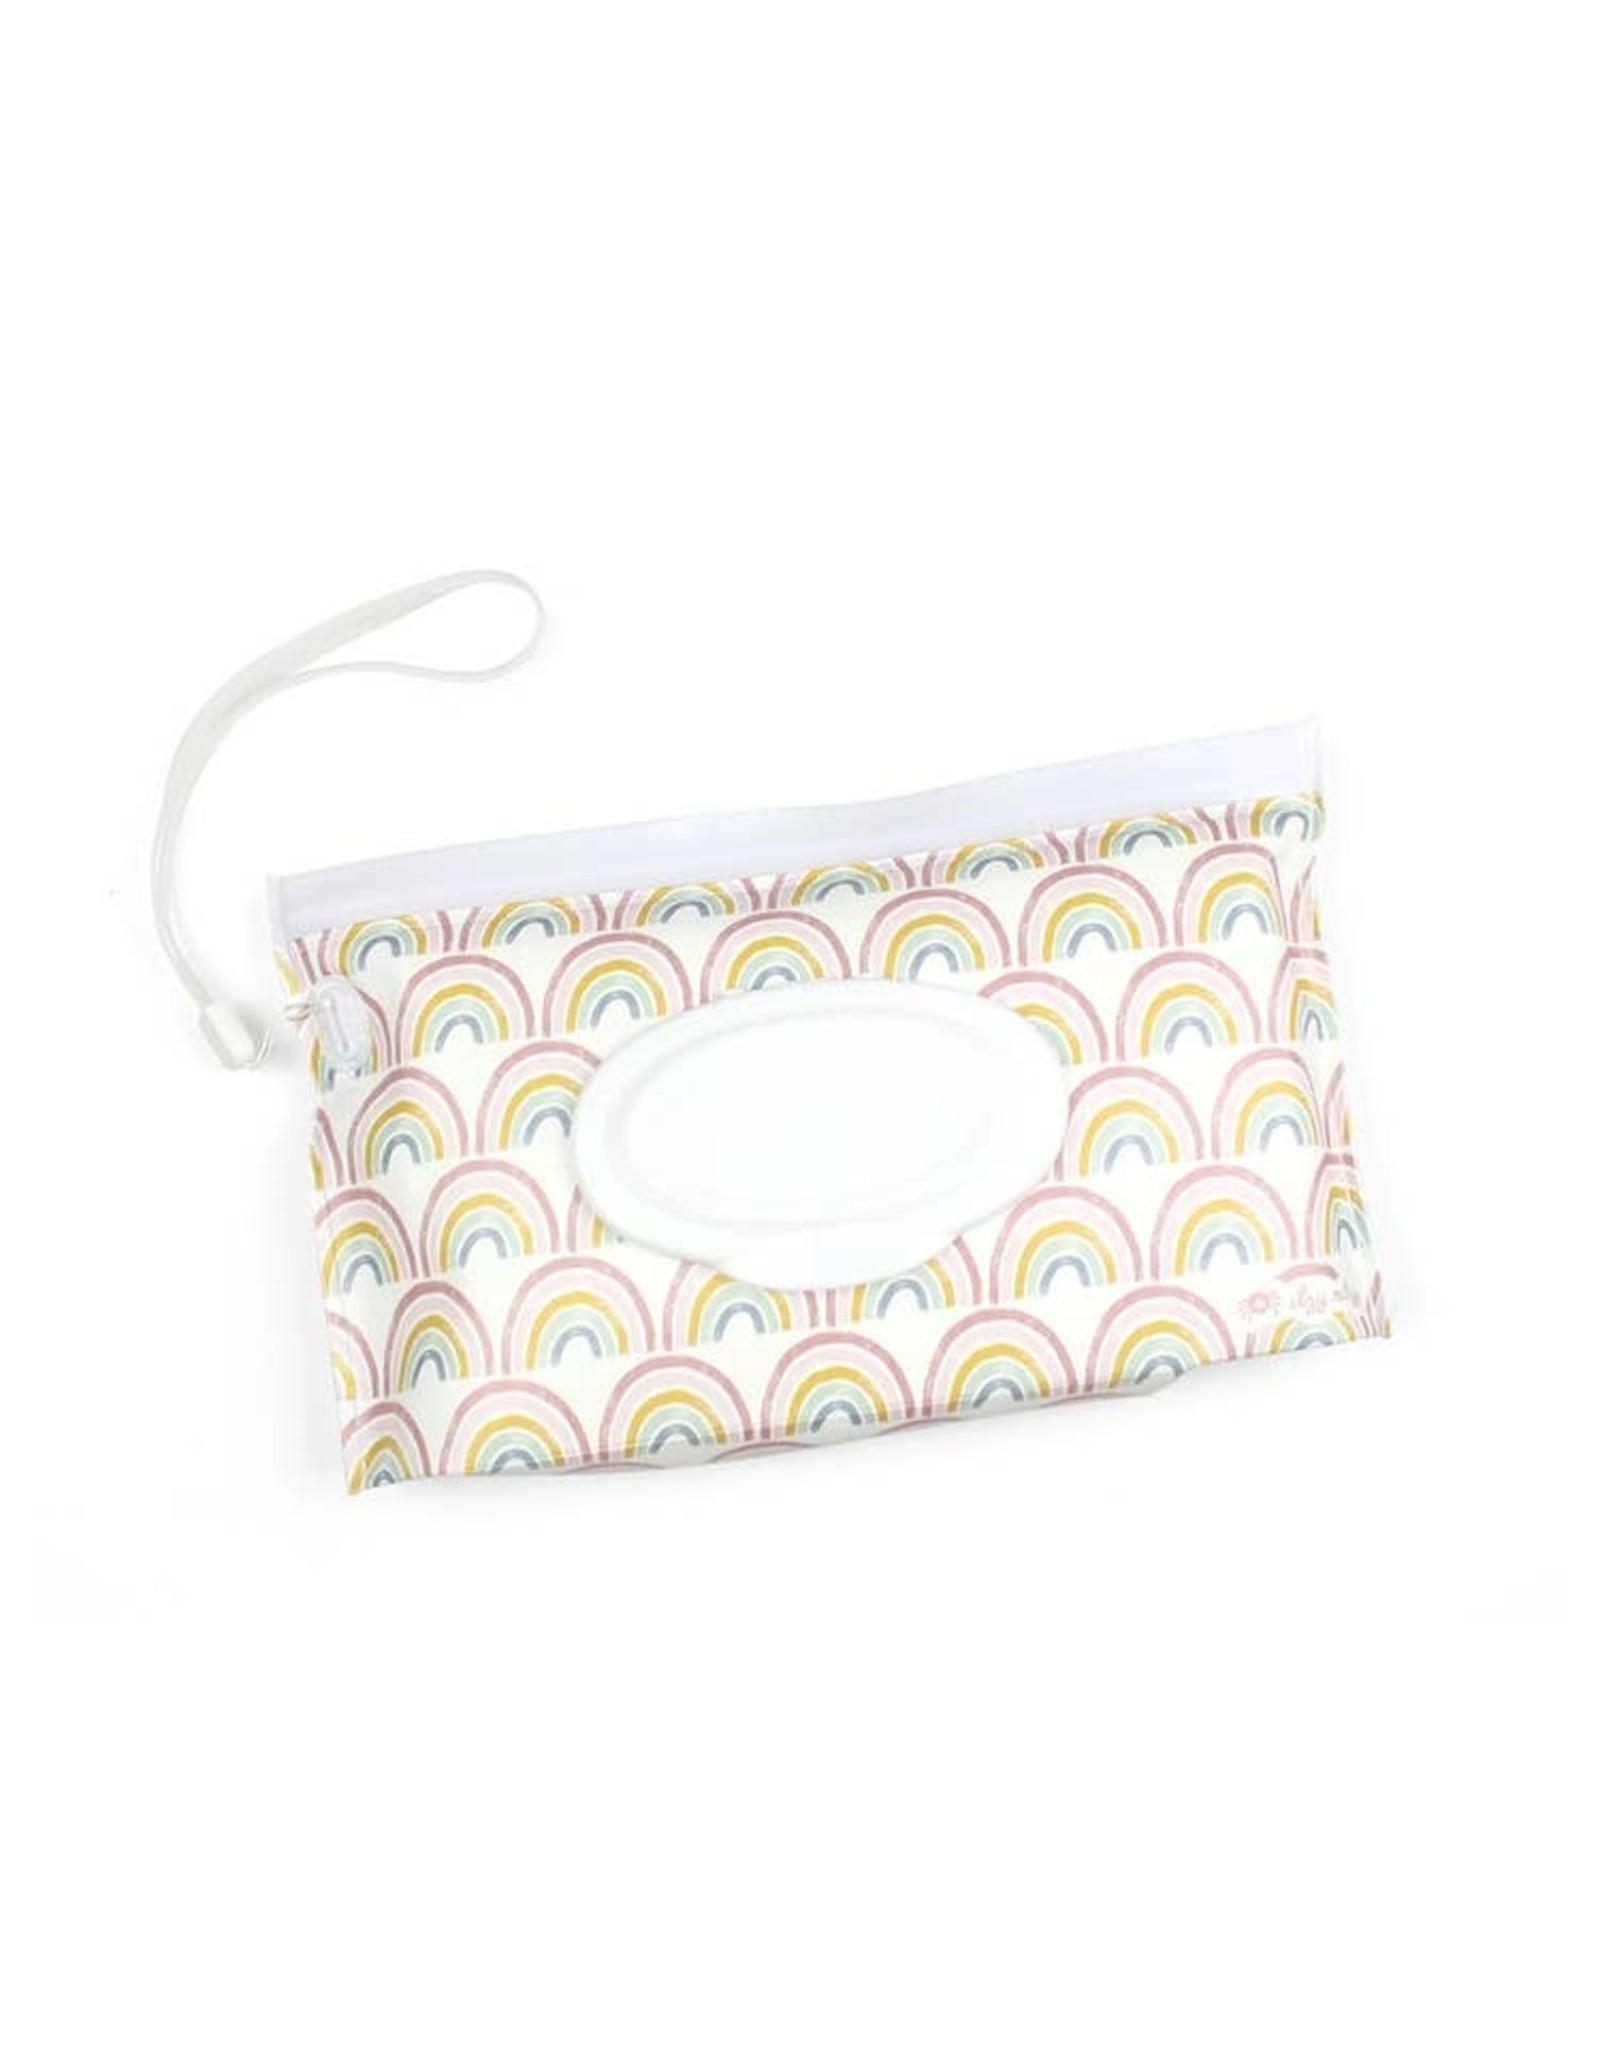 Itzy Ritzy Itzy Ritzy - Take & Travel Pouch Wipes Case Rainbow